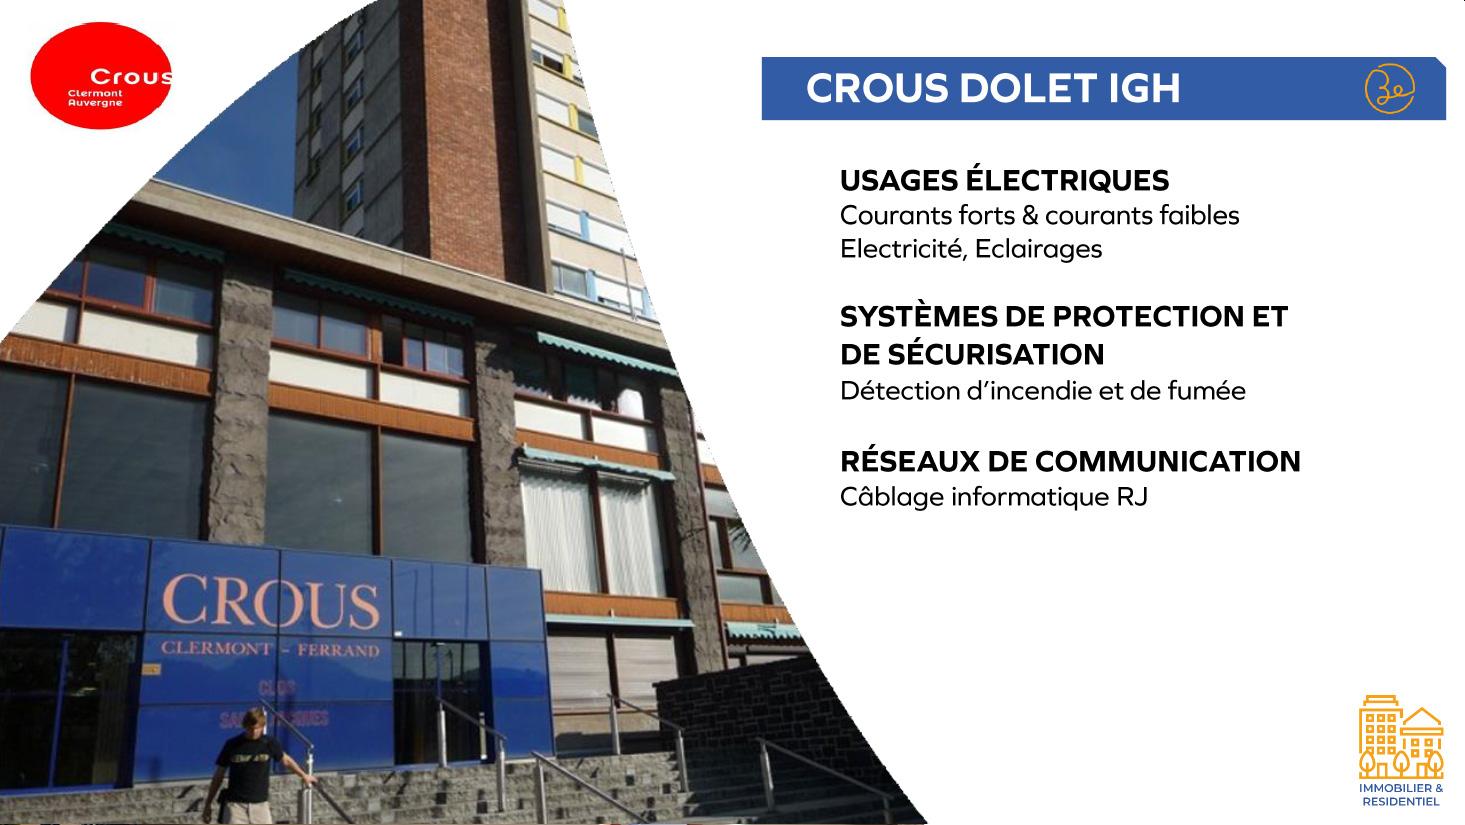 Crous- Immobilier & Résidentiel